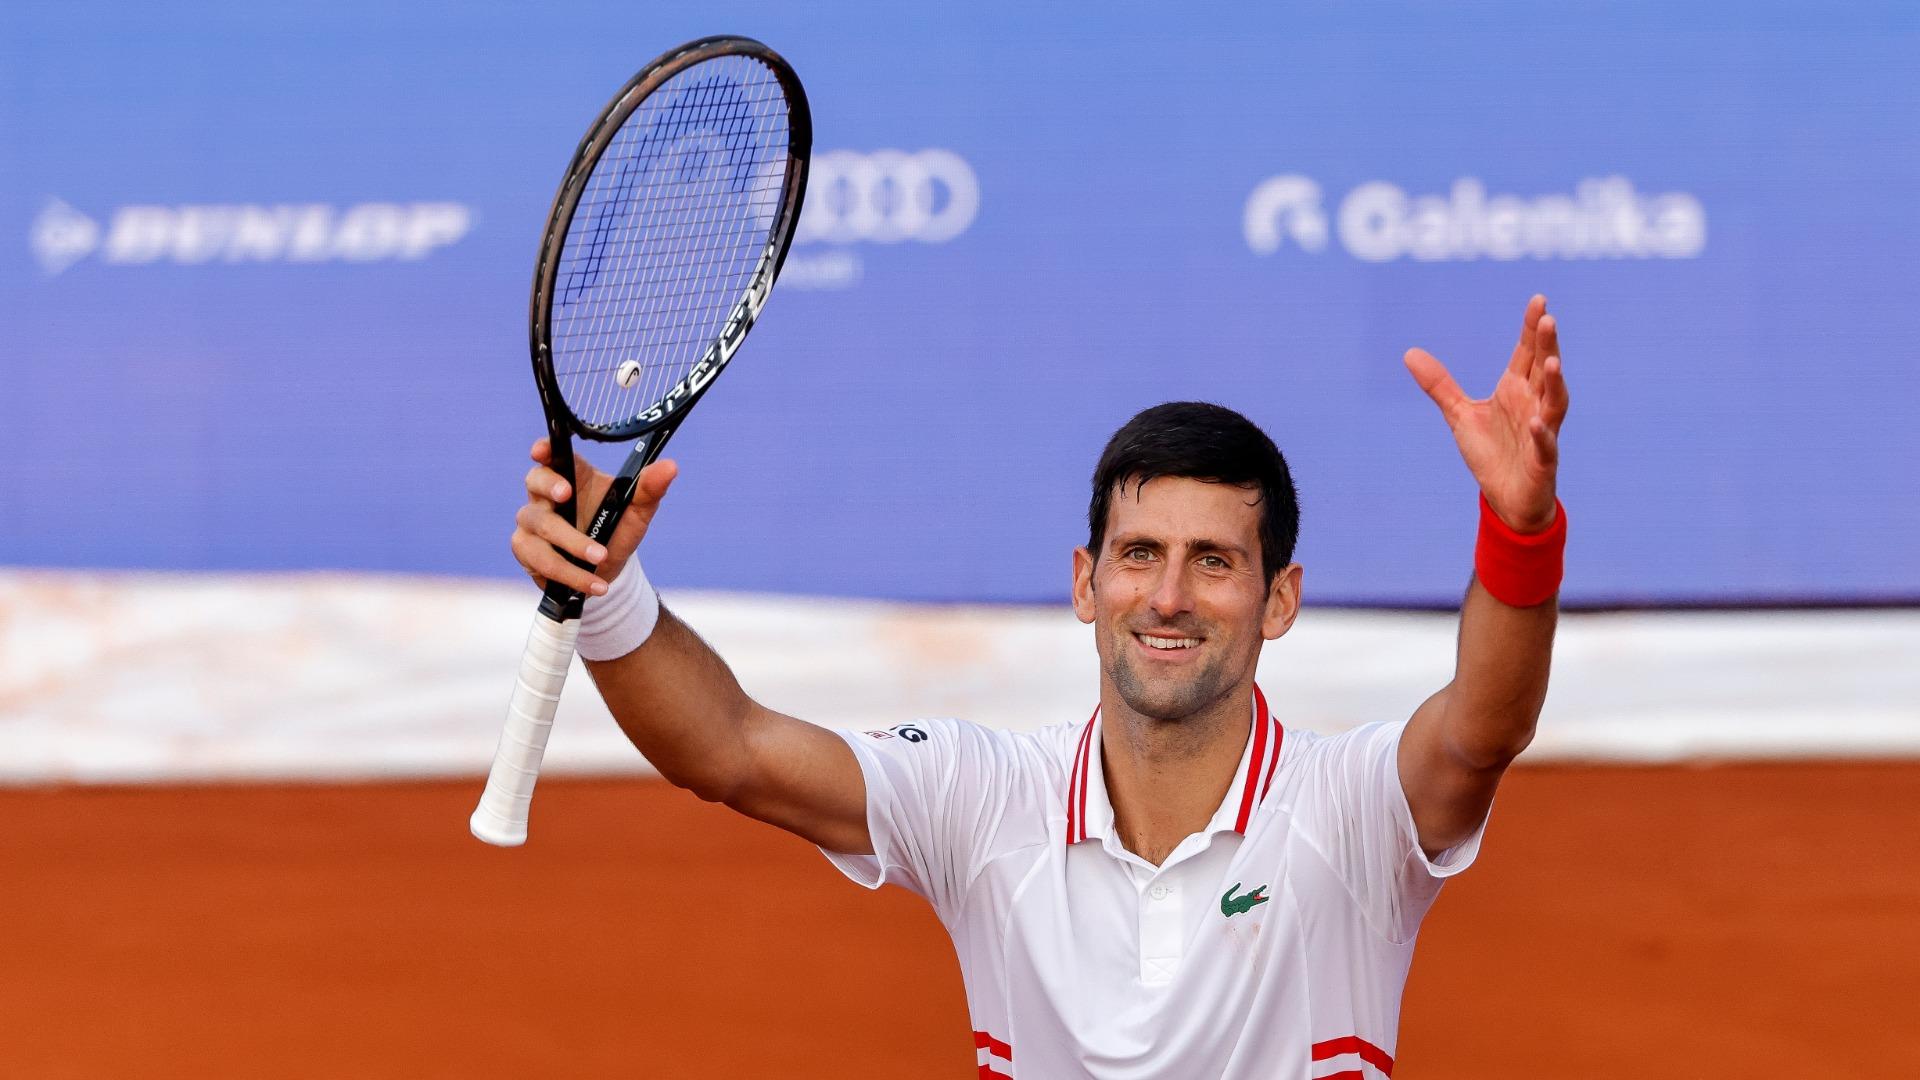 Djokovic 'pretty flawless' in Belgrade as Nadal struggles in Barcelona